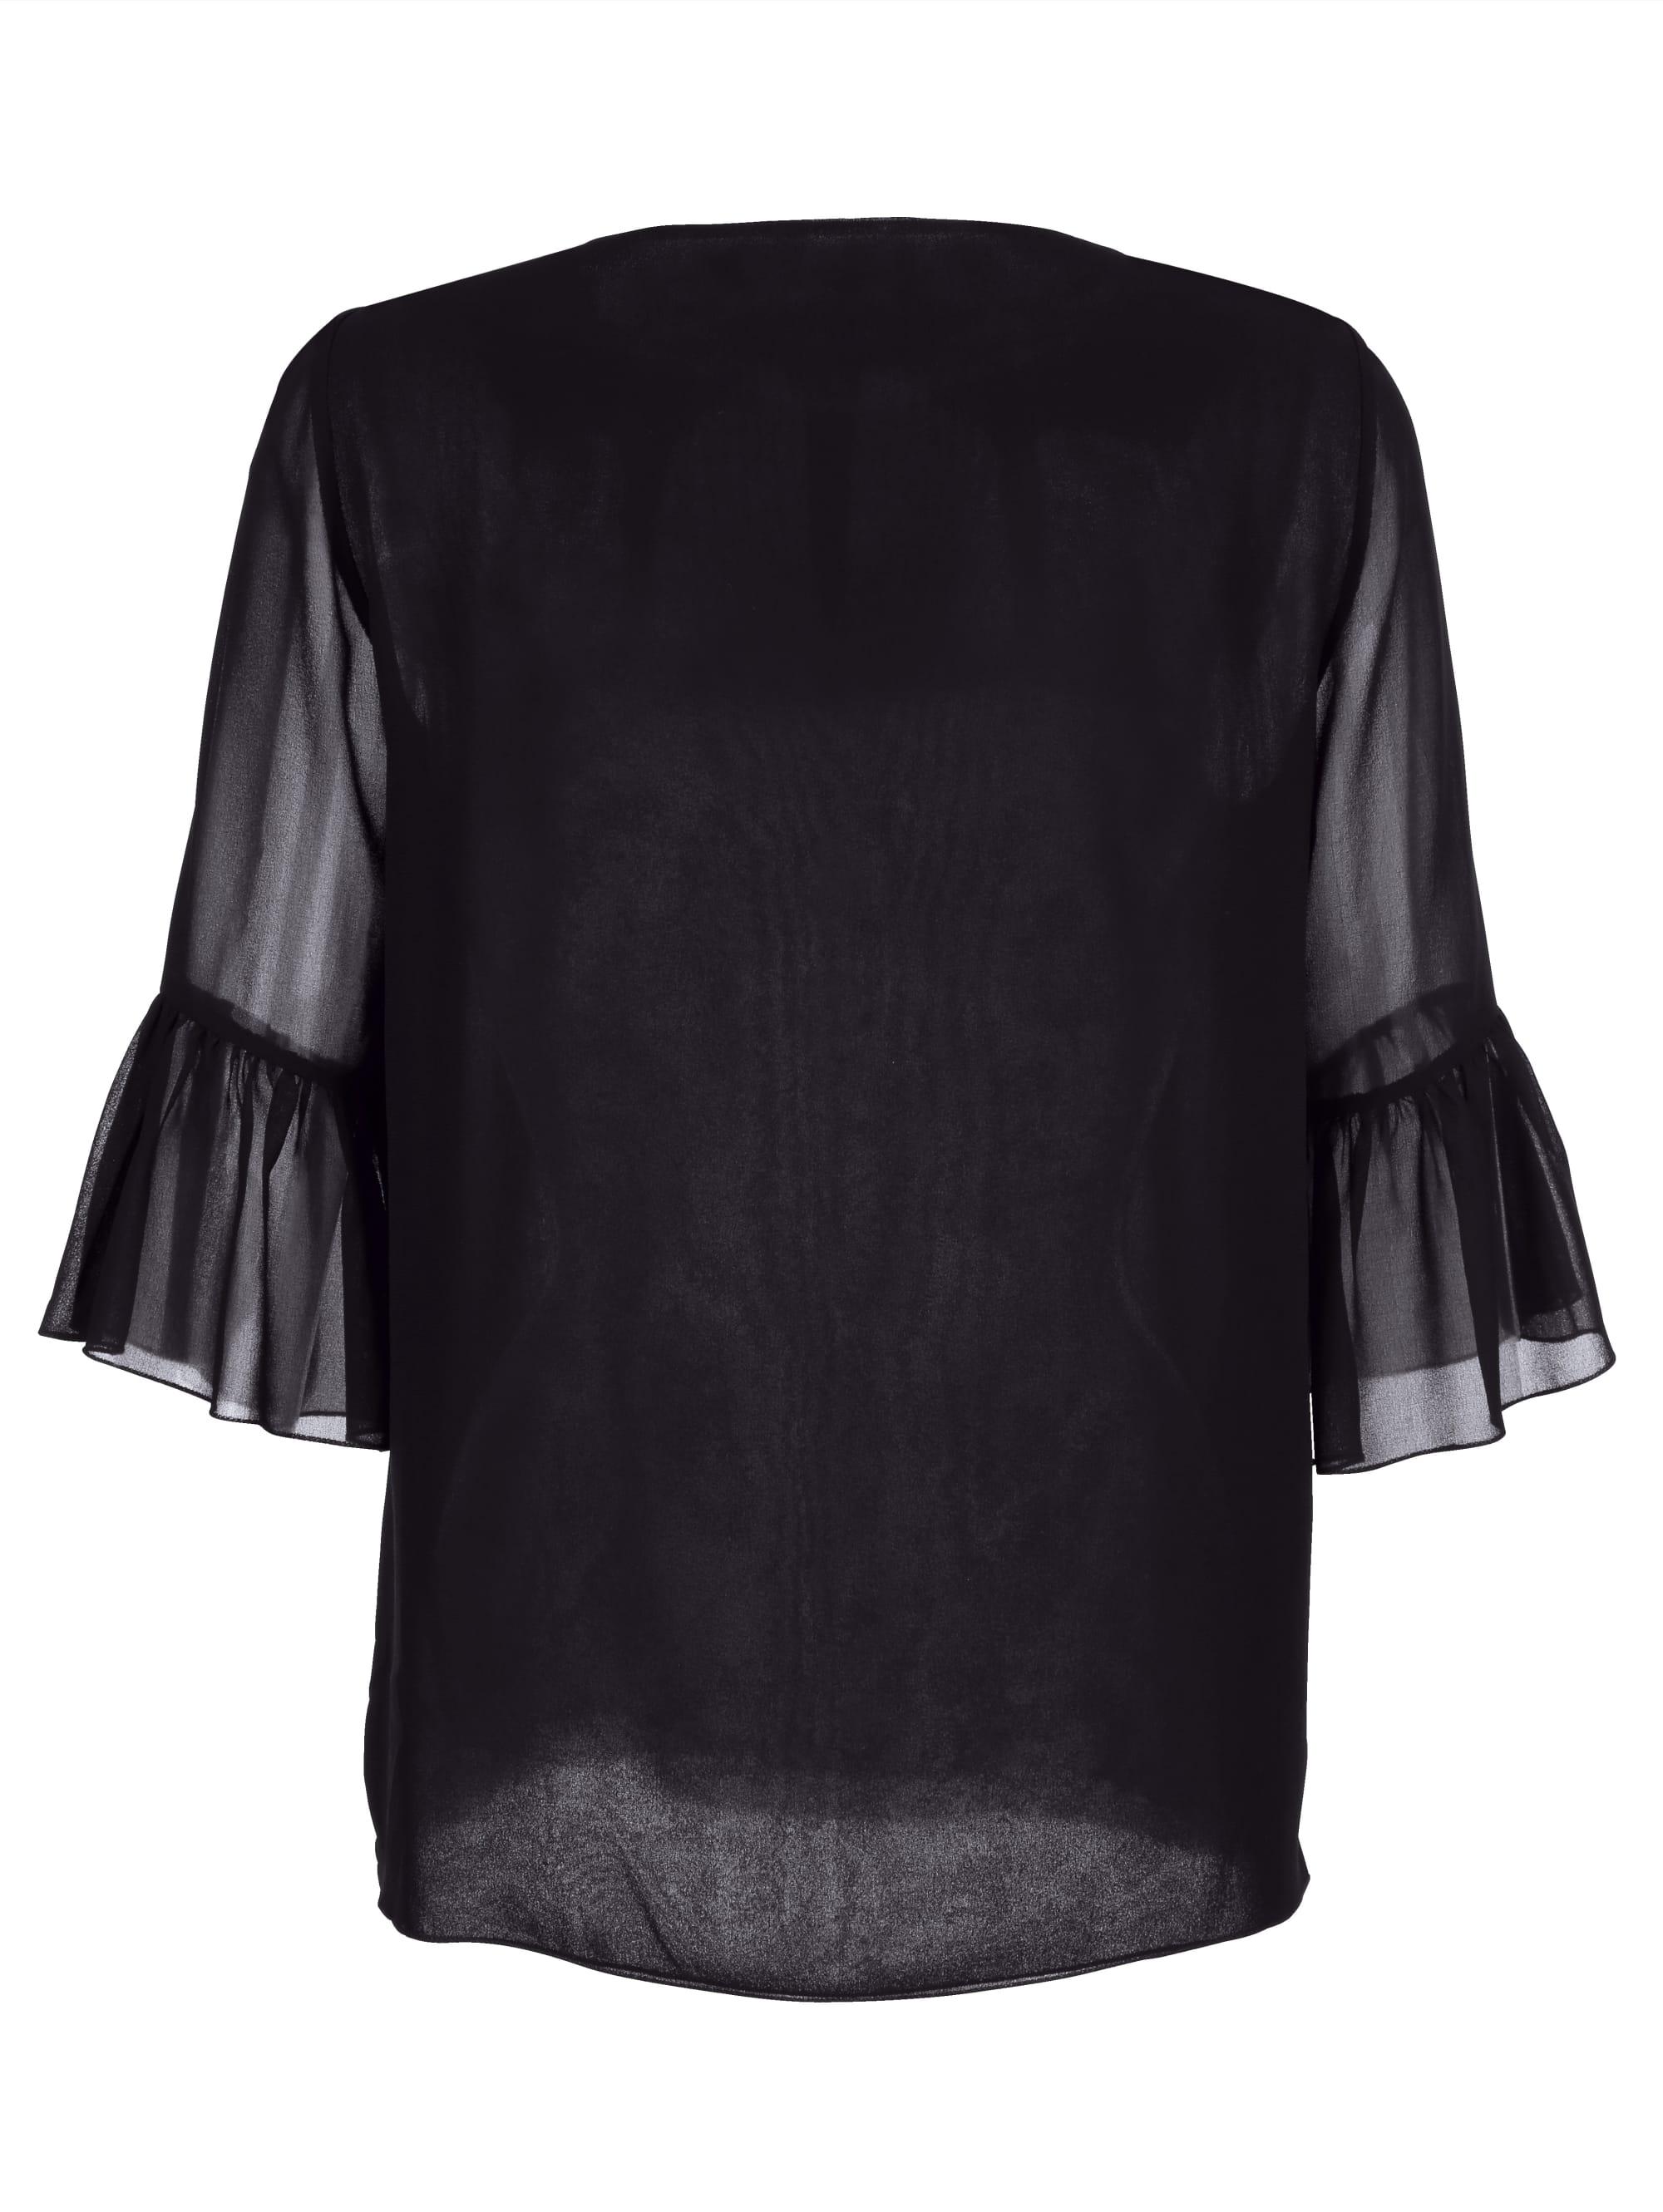 Alba Moda Bluse mit Perlenstickerei am Ausschnitt